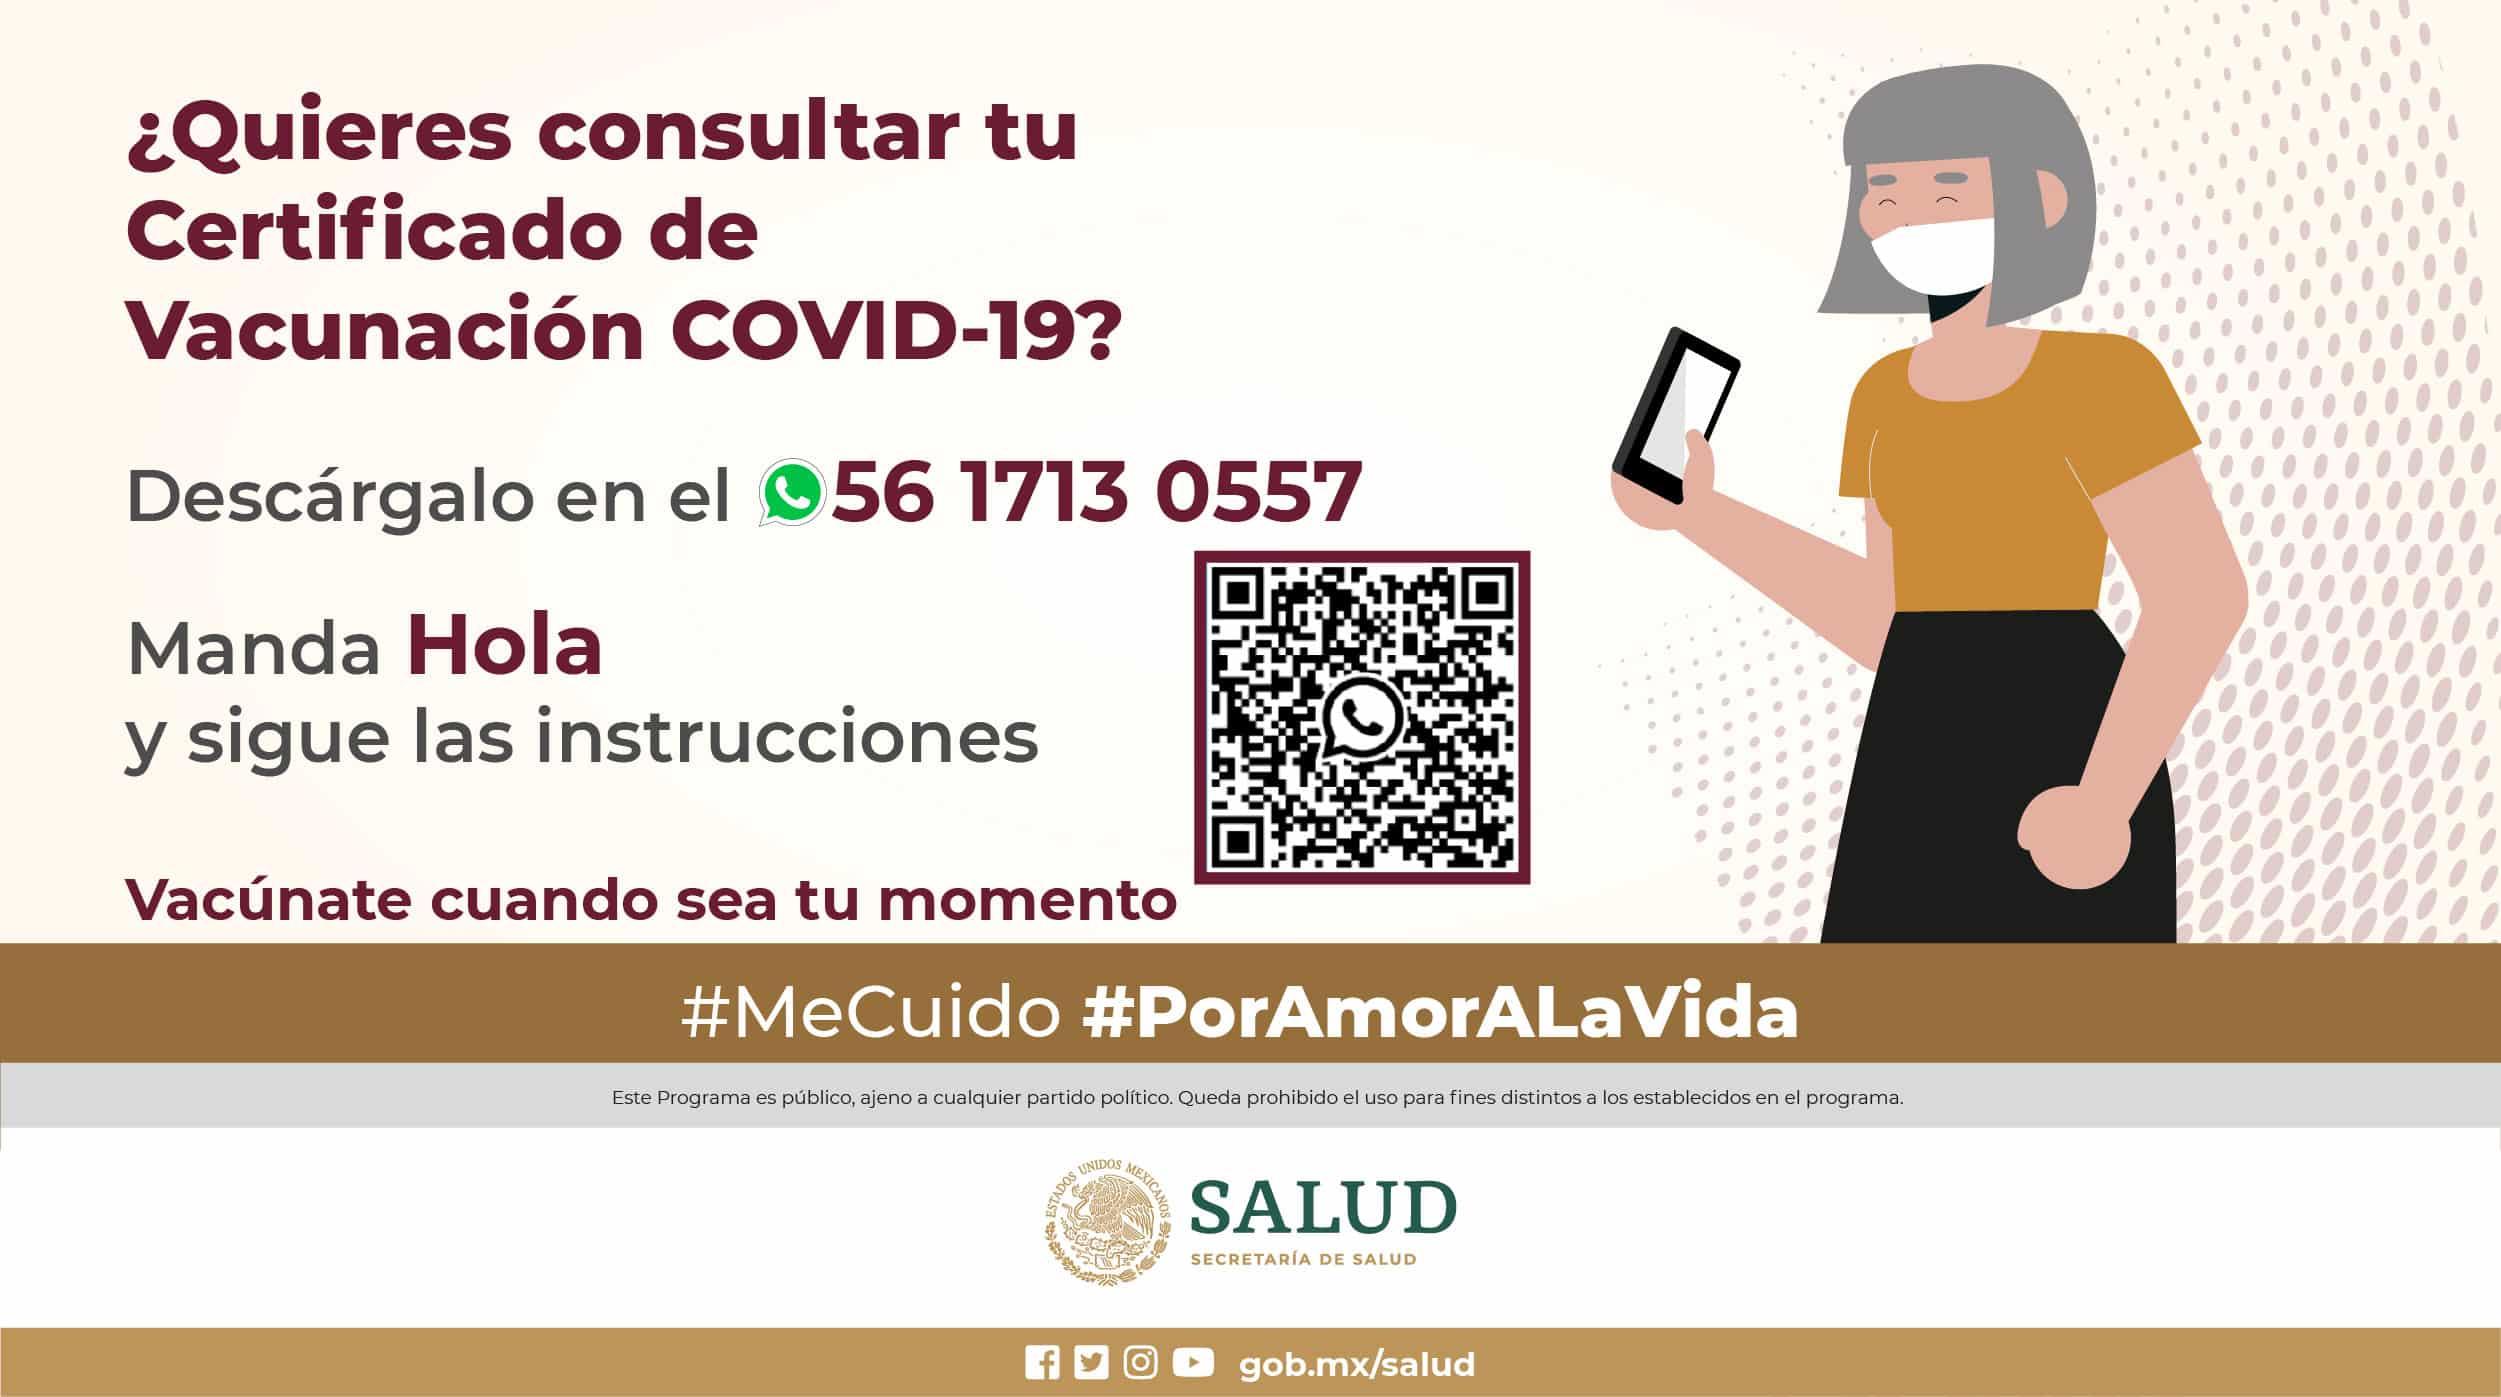 Obten tu certificado de vacunación contra Covid-19 por WhatsApp